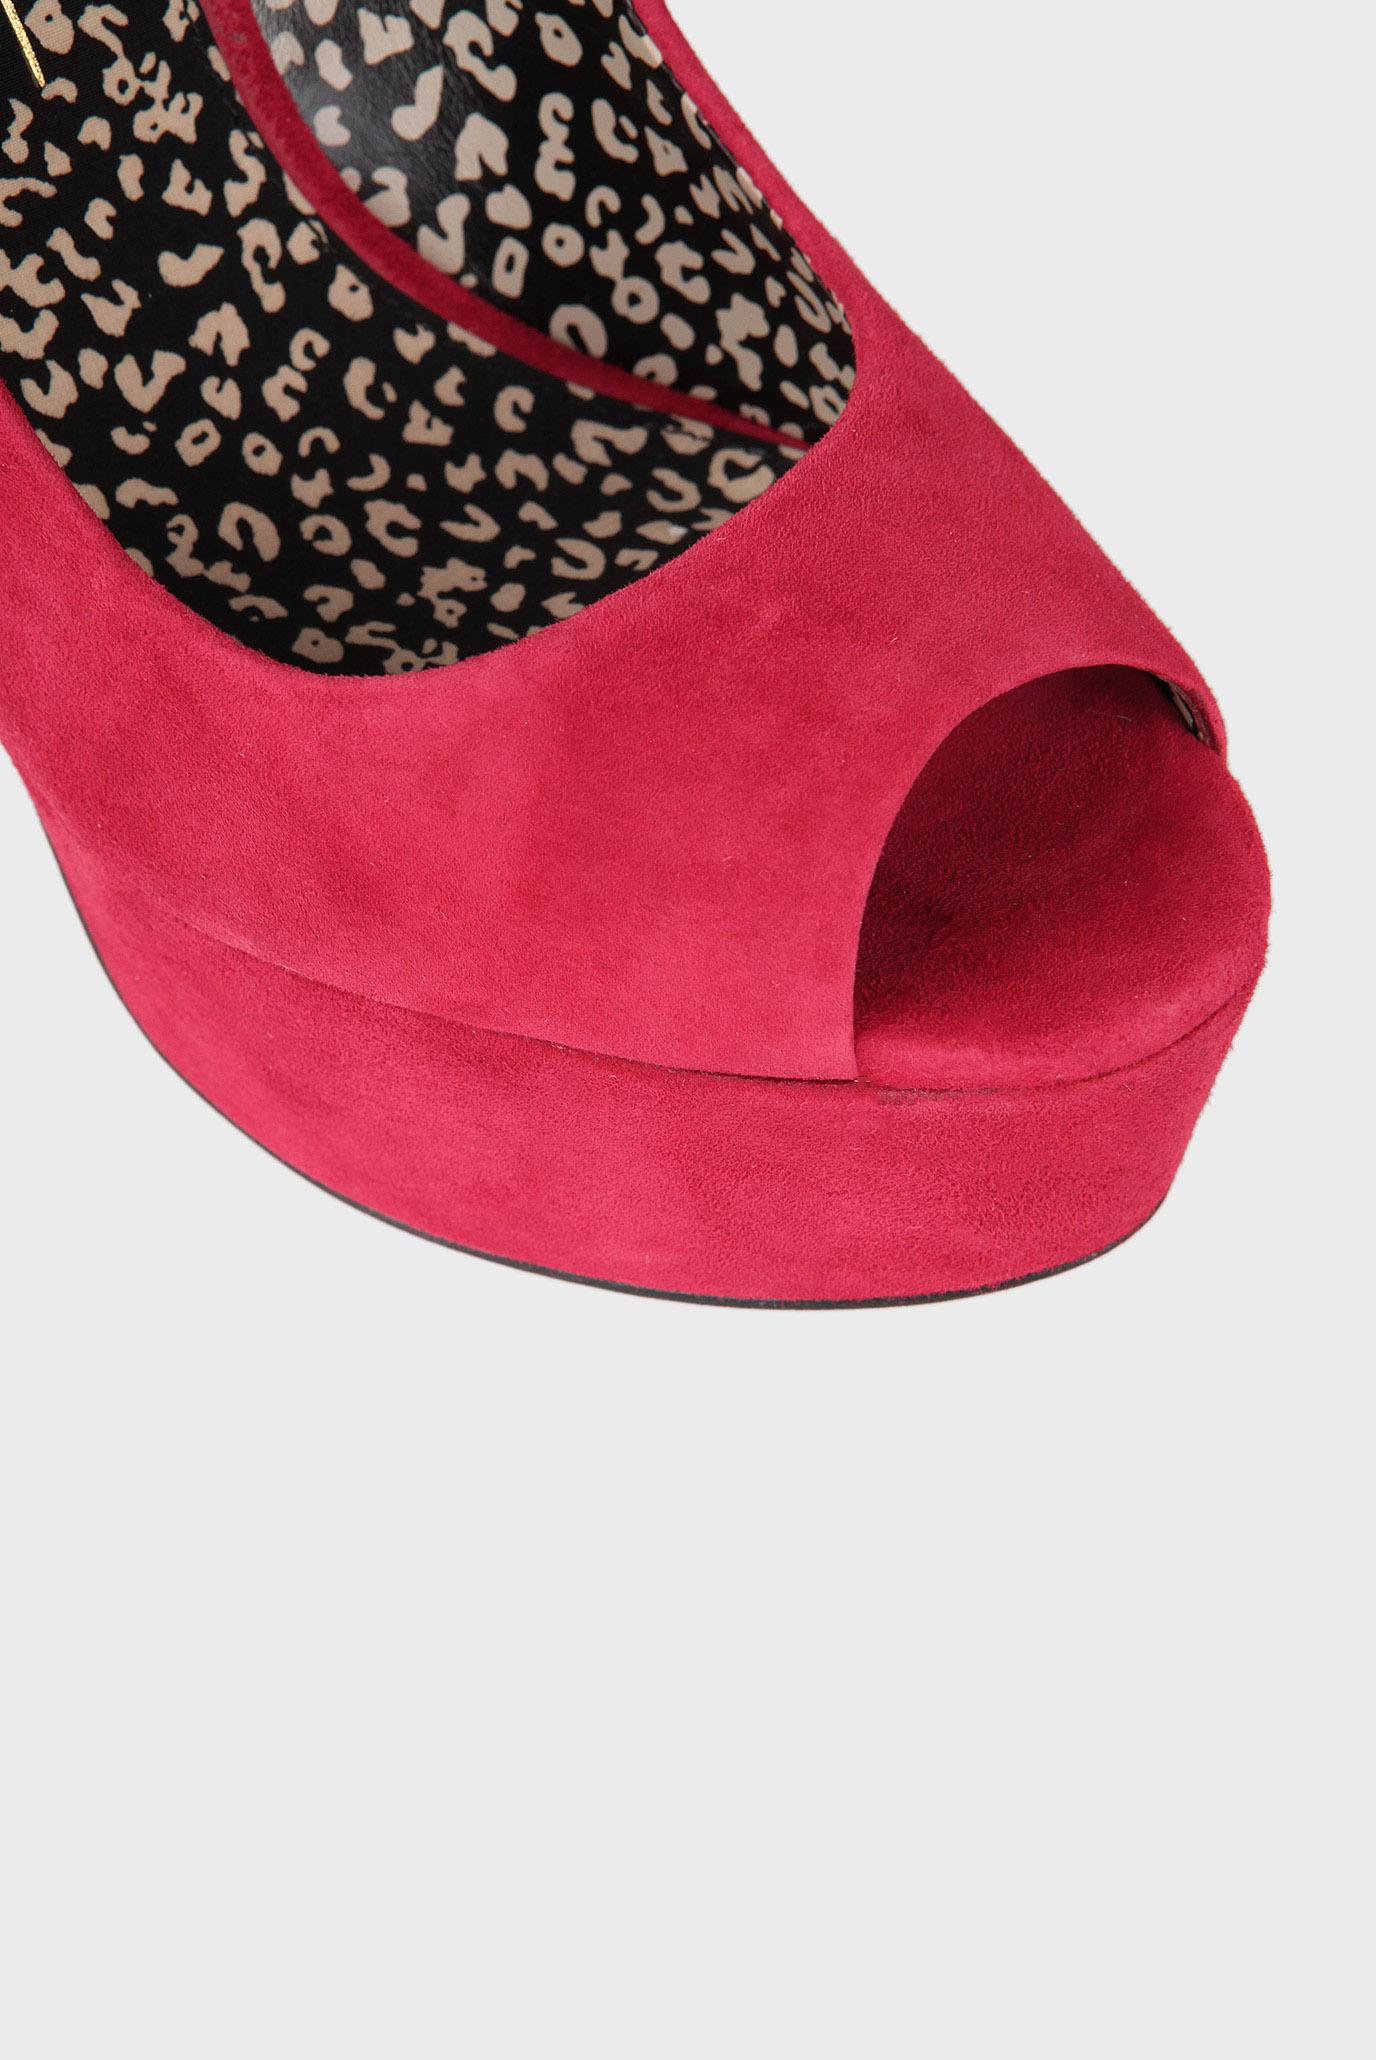 Купить Женские красные замшевые туфли Jessica Simpson Jessica Simpson ROSANNAH601KIDSUE – Киев, Украина. Цены в интернет магазине MD Fashion